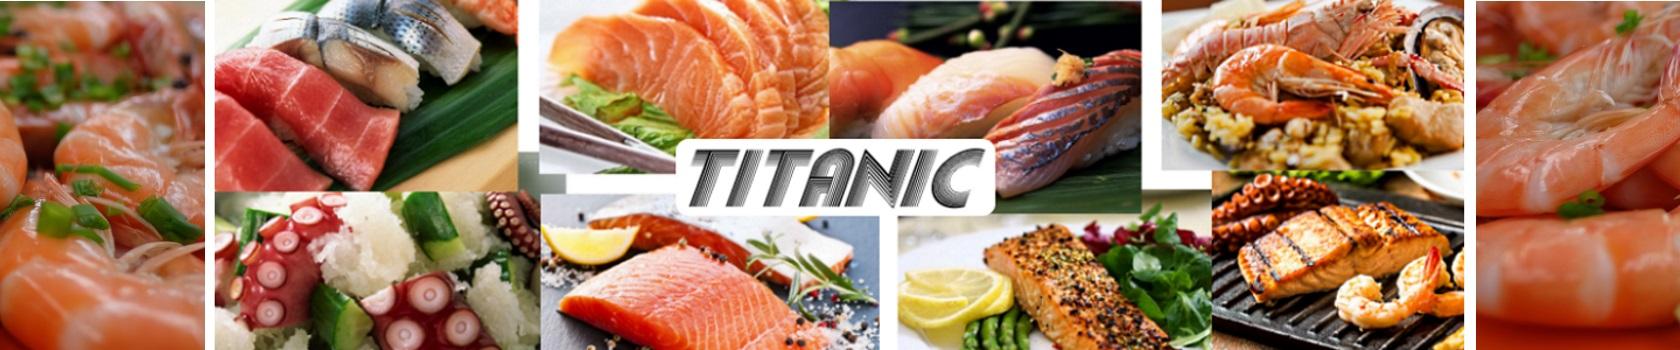 o-pescador-titanic-slide-novo1